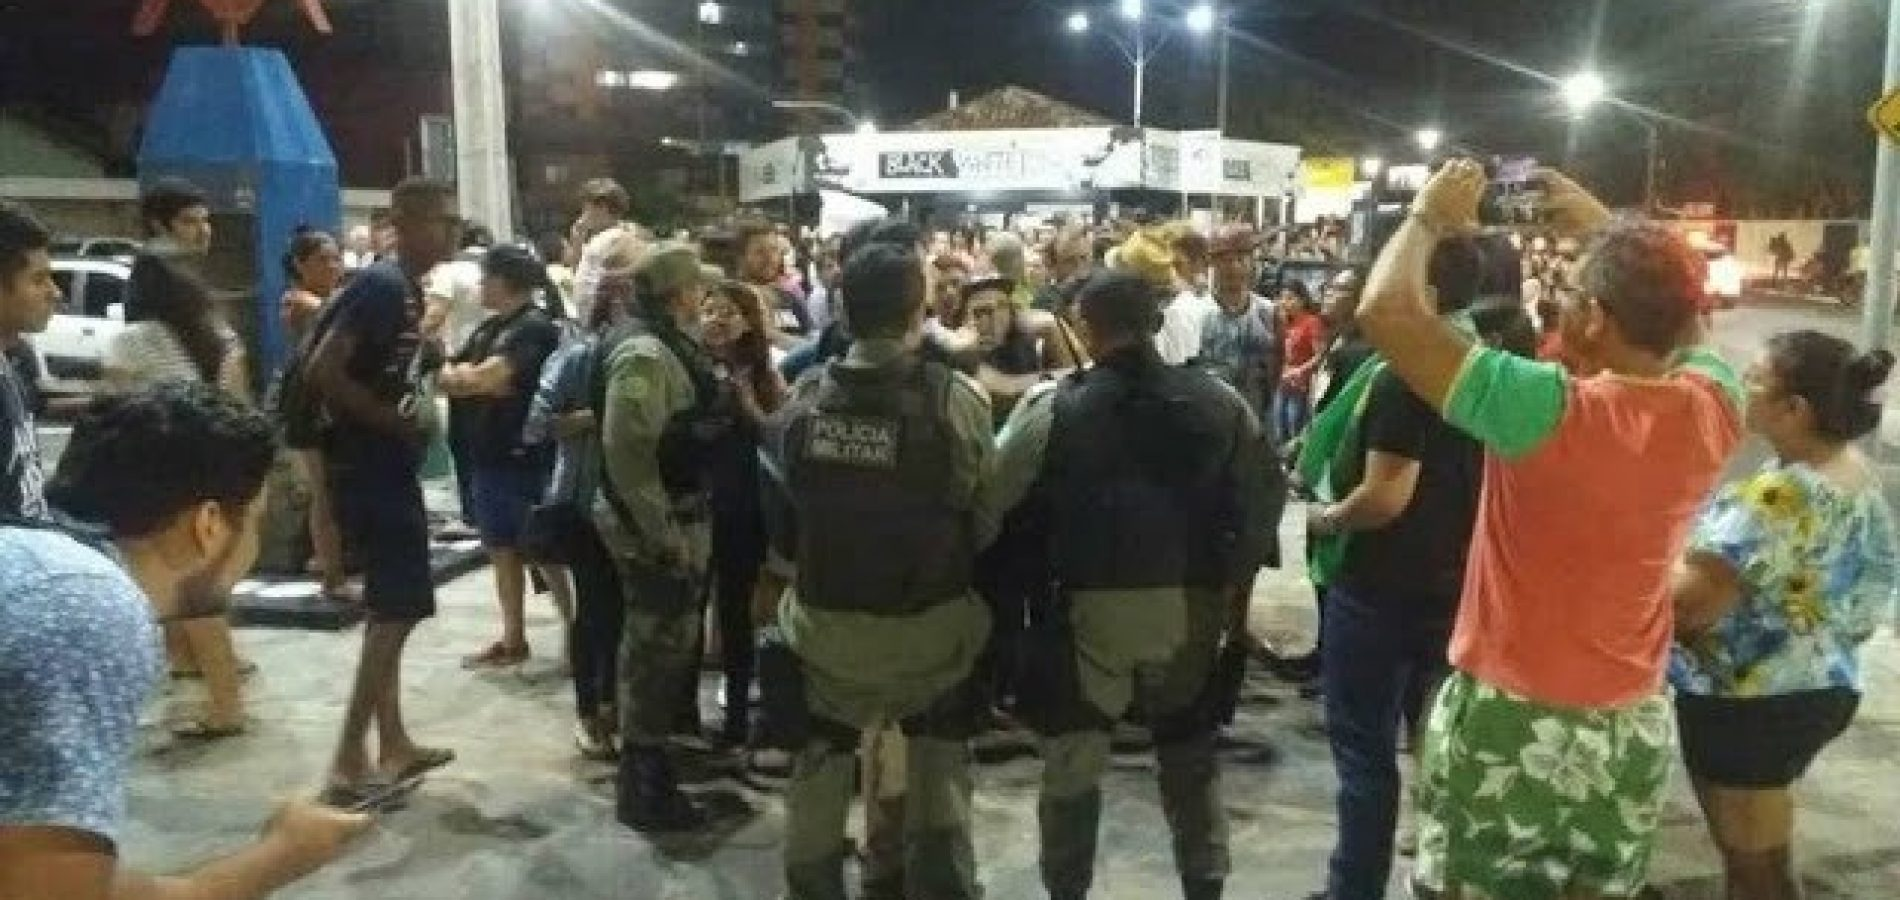 Jovem com camisa do Bolsonaro é agredido em manifestação no Piauí